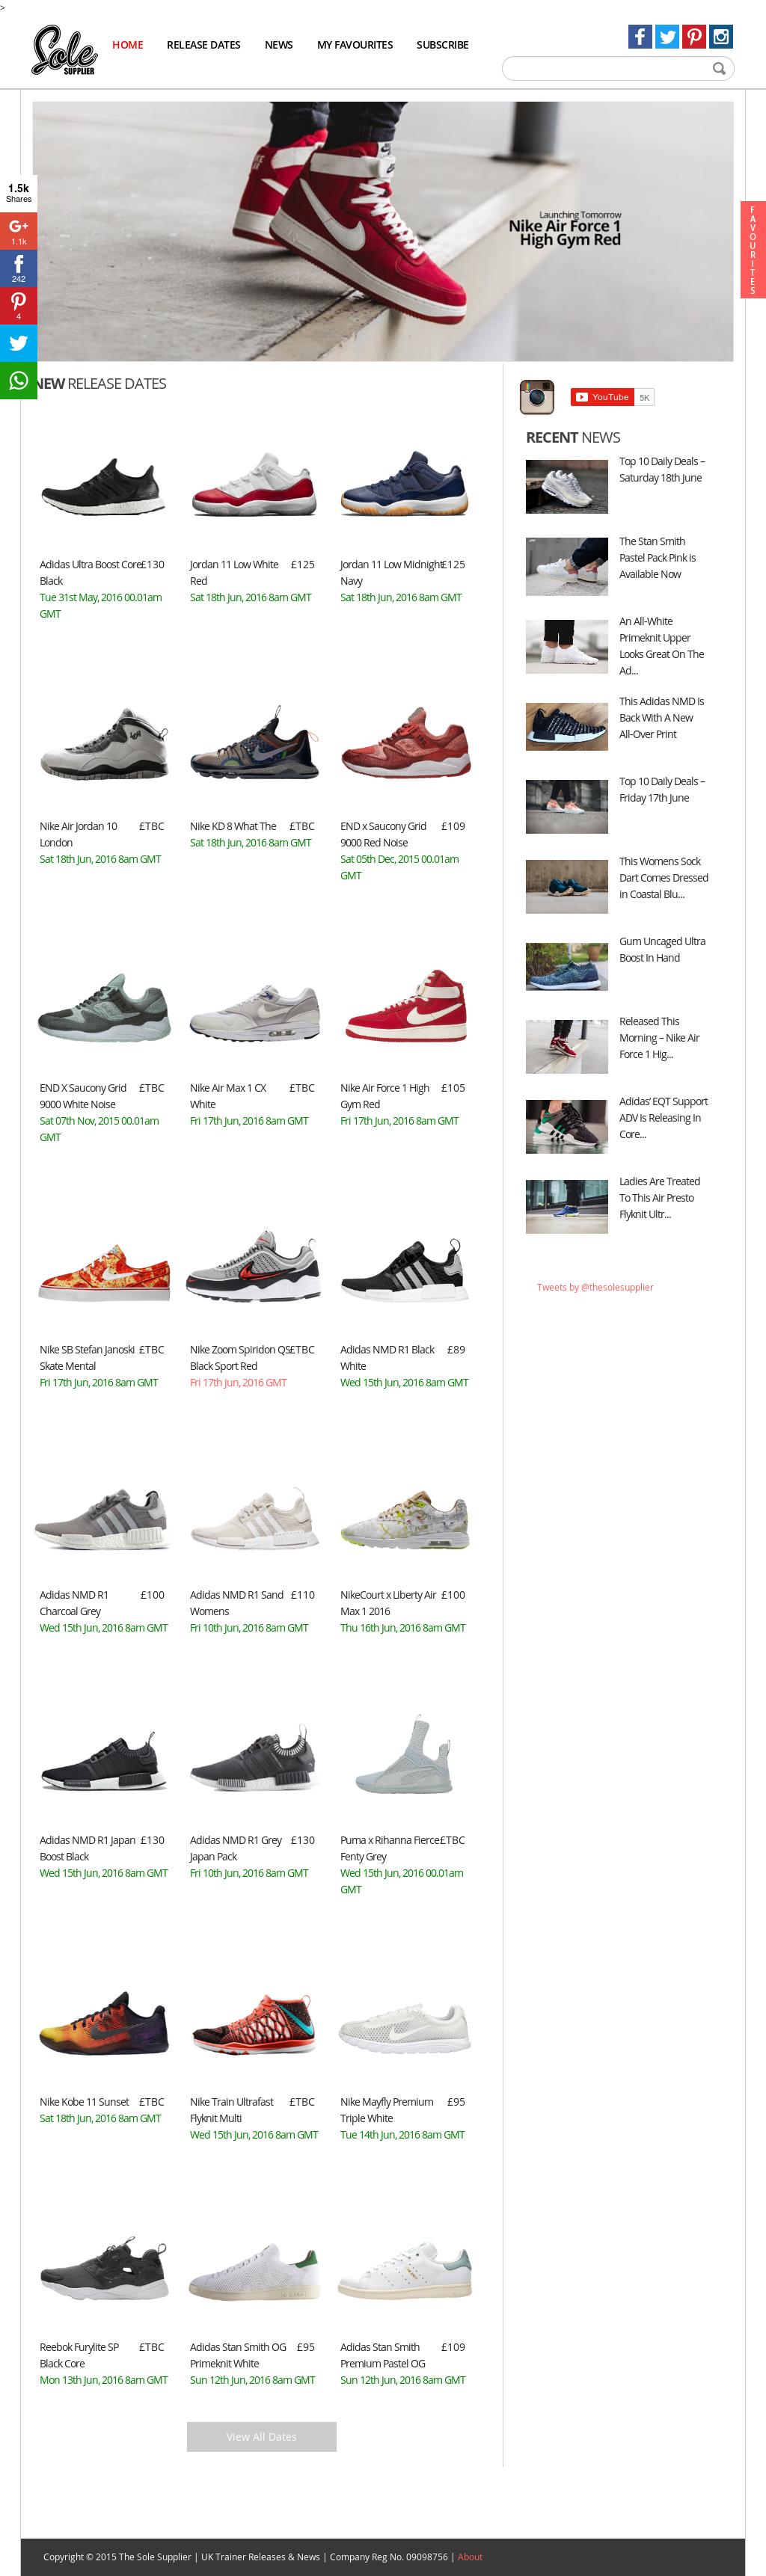 Release Thu 26th Mar, 2015 8am Gmt Nike Air Max 1 Ultra